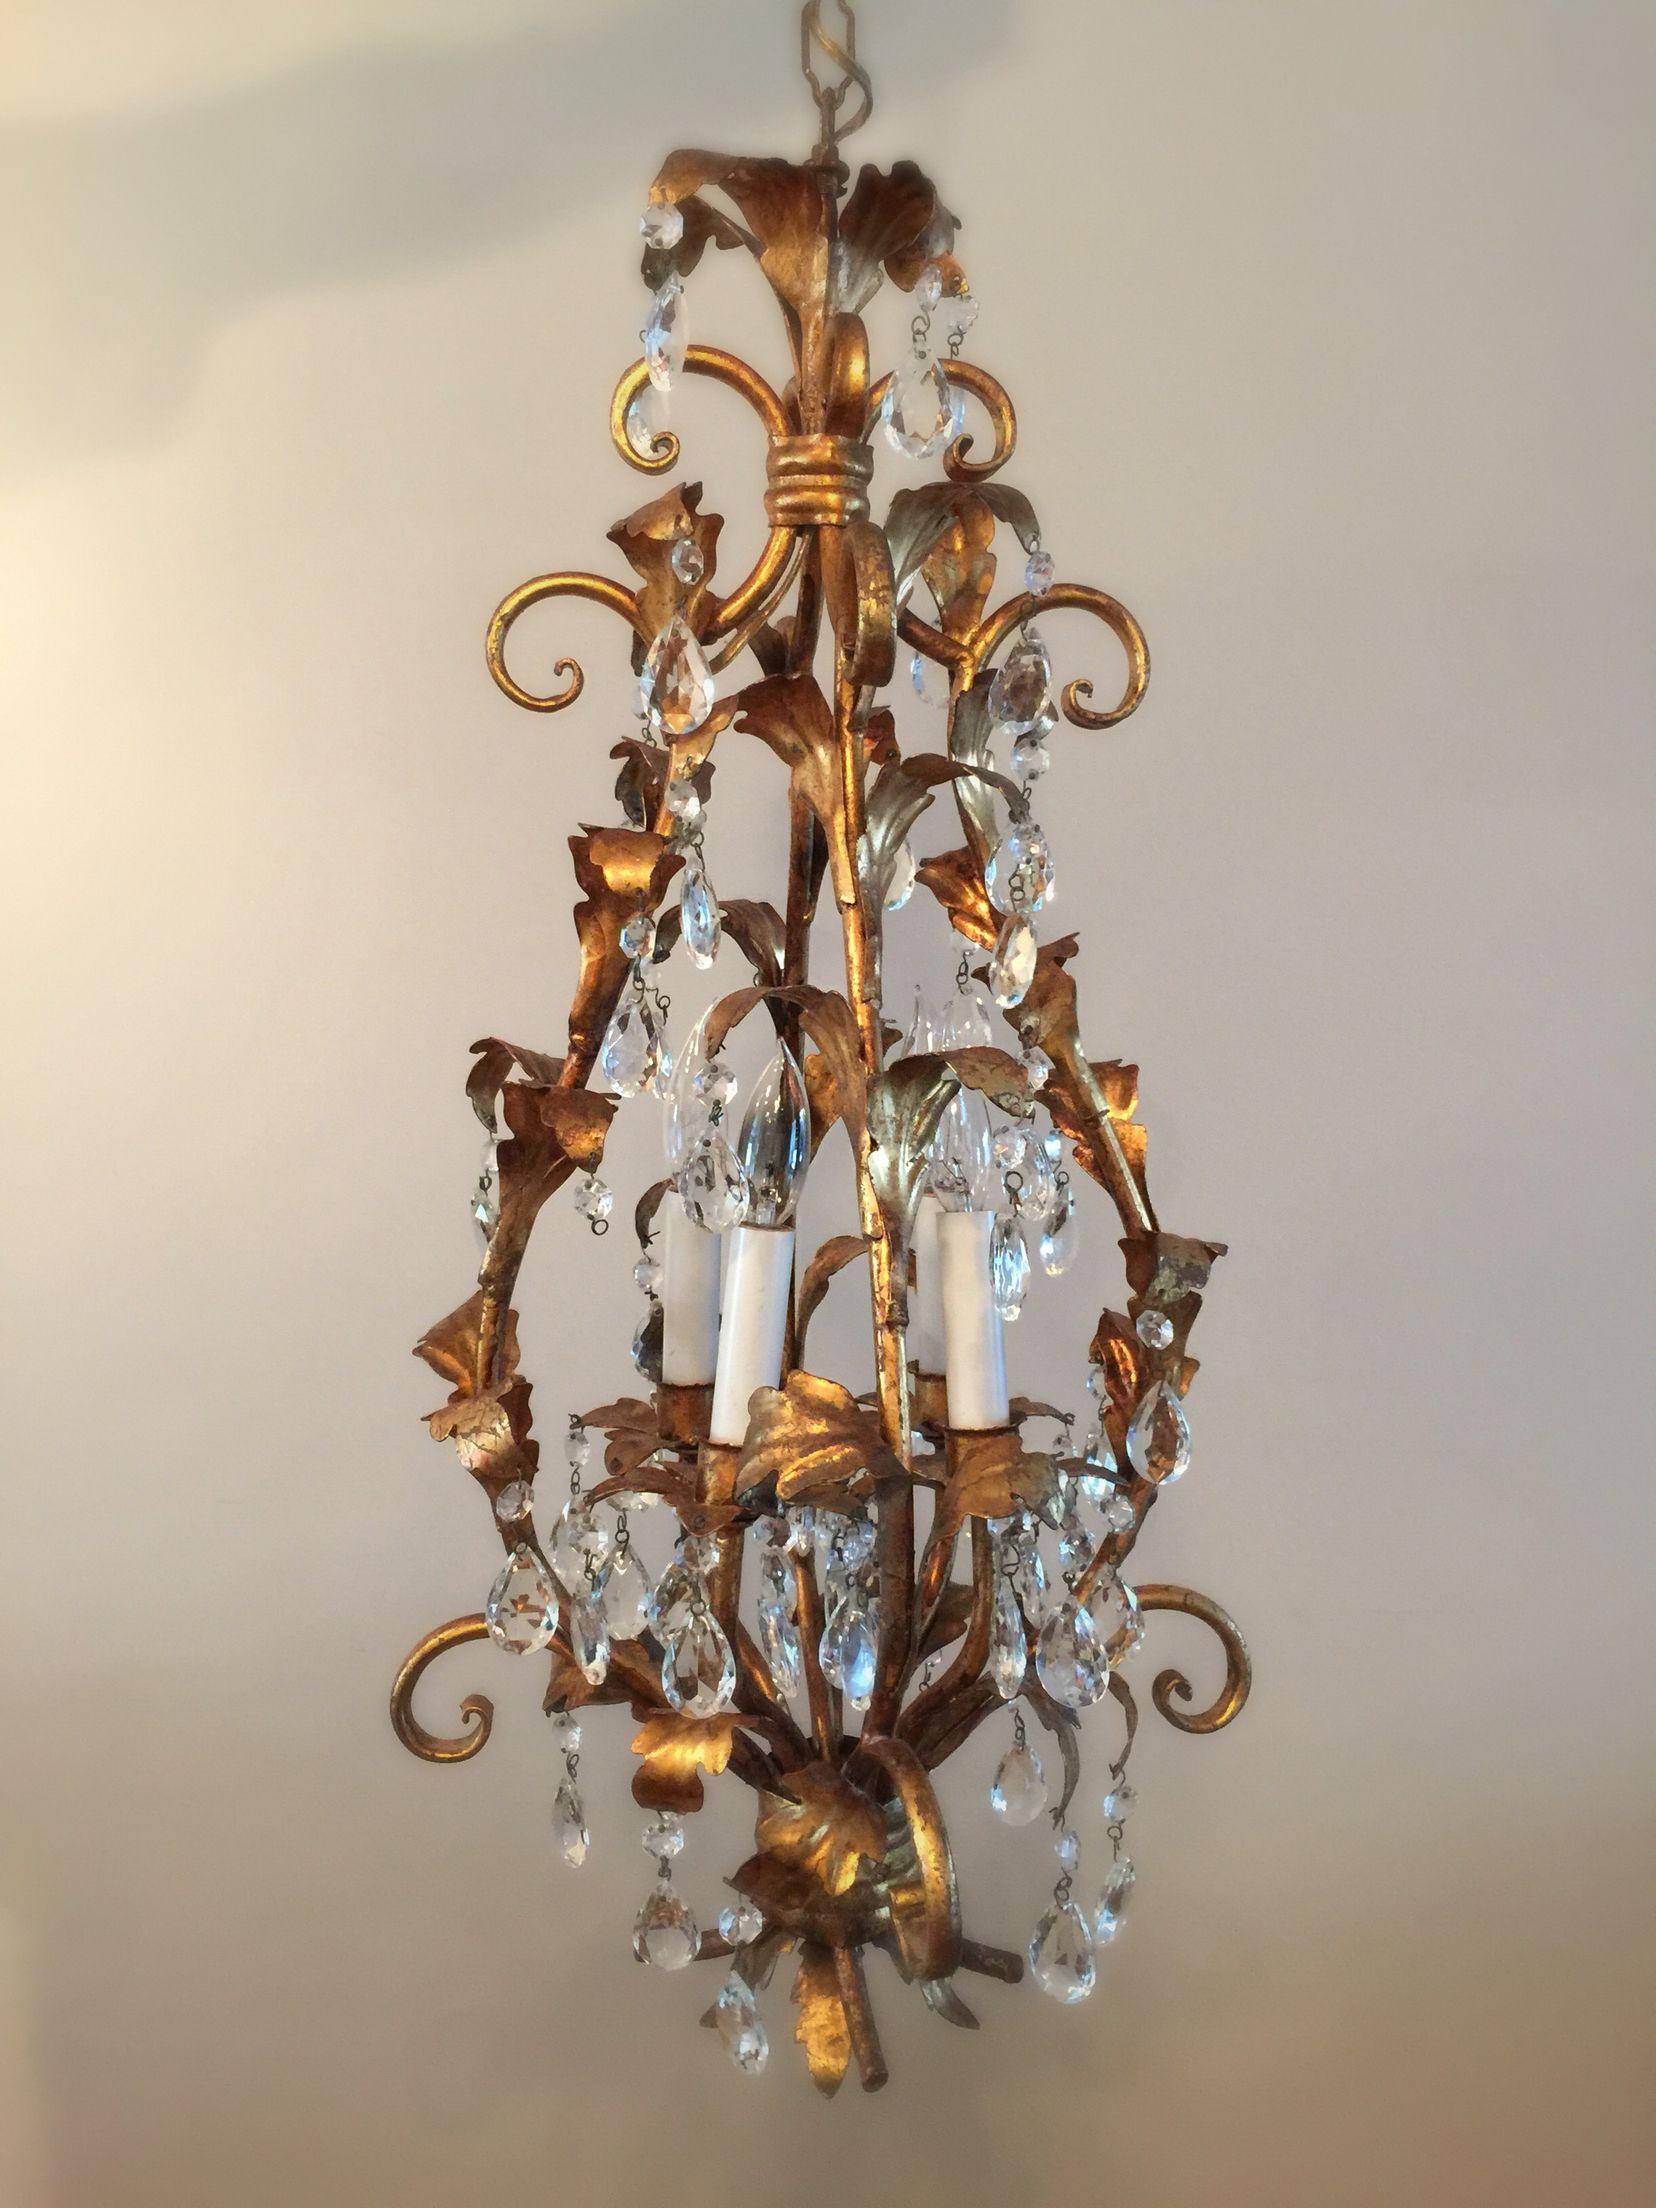 Vintage italian tole gold gilt crystal prism chandelier etsy vintage italian tole gold gilt crystal prism chandelier etsyshop arubaitofo Image collections